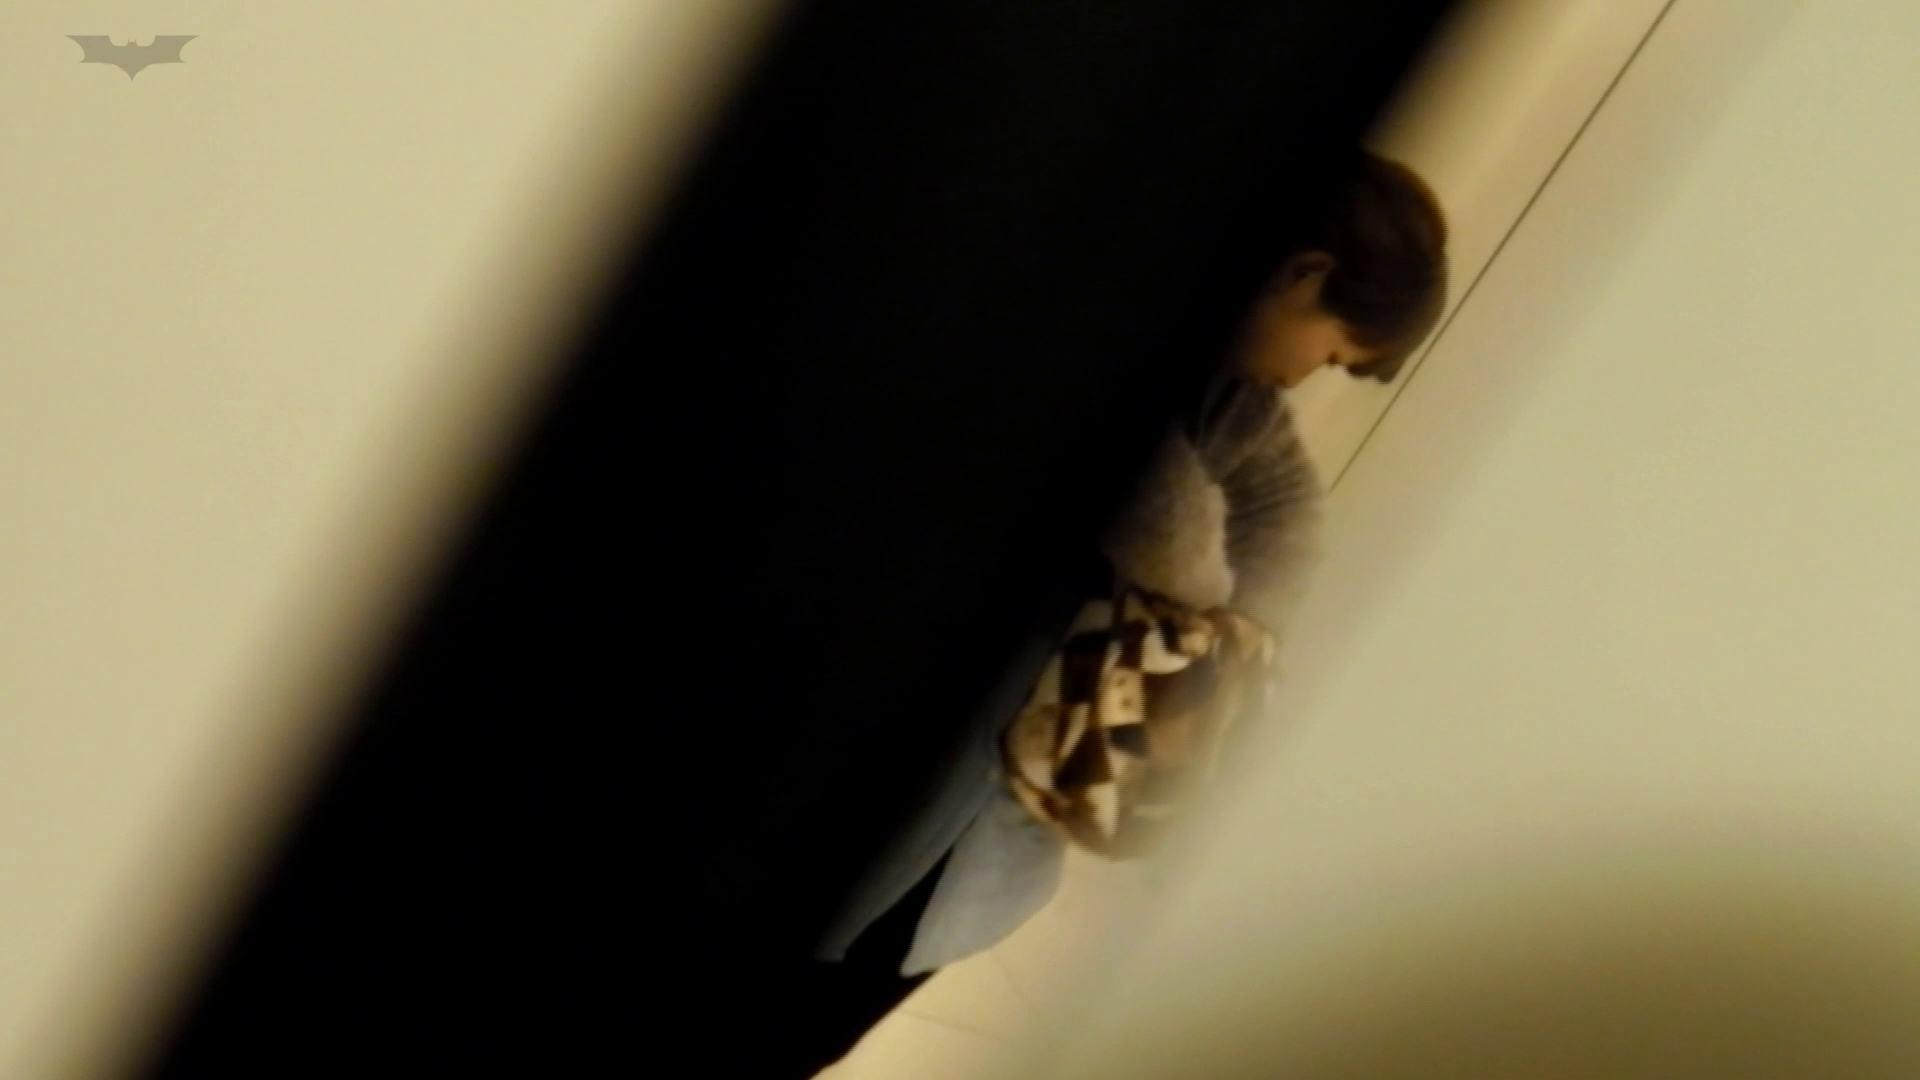 新世界の射窓 No78 トリンドル 玲奈似登場シリーズ美女率最高作! ギャル攻め アダルト動画キャプチャ 103画像 68